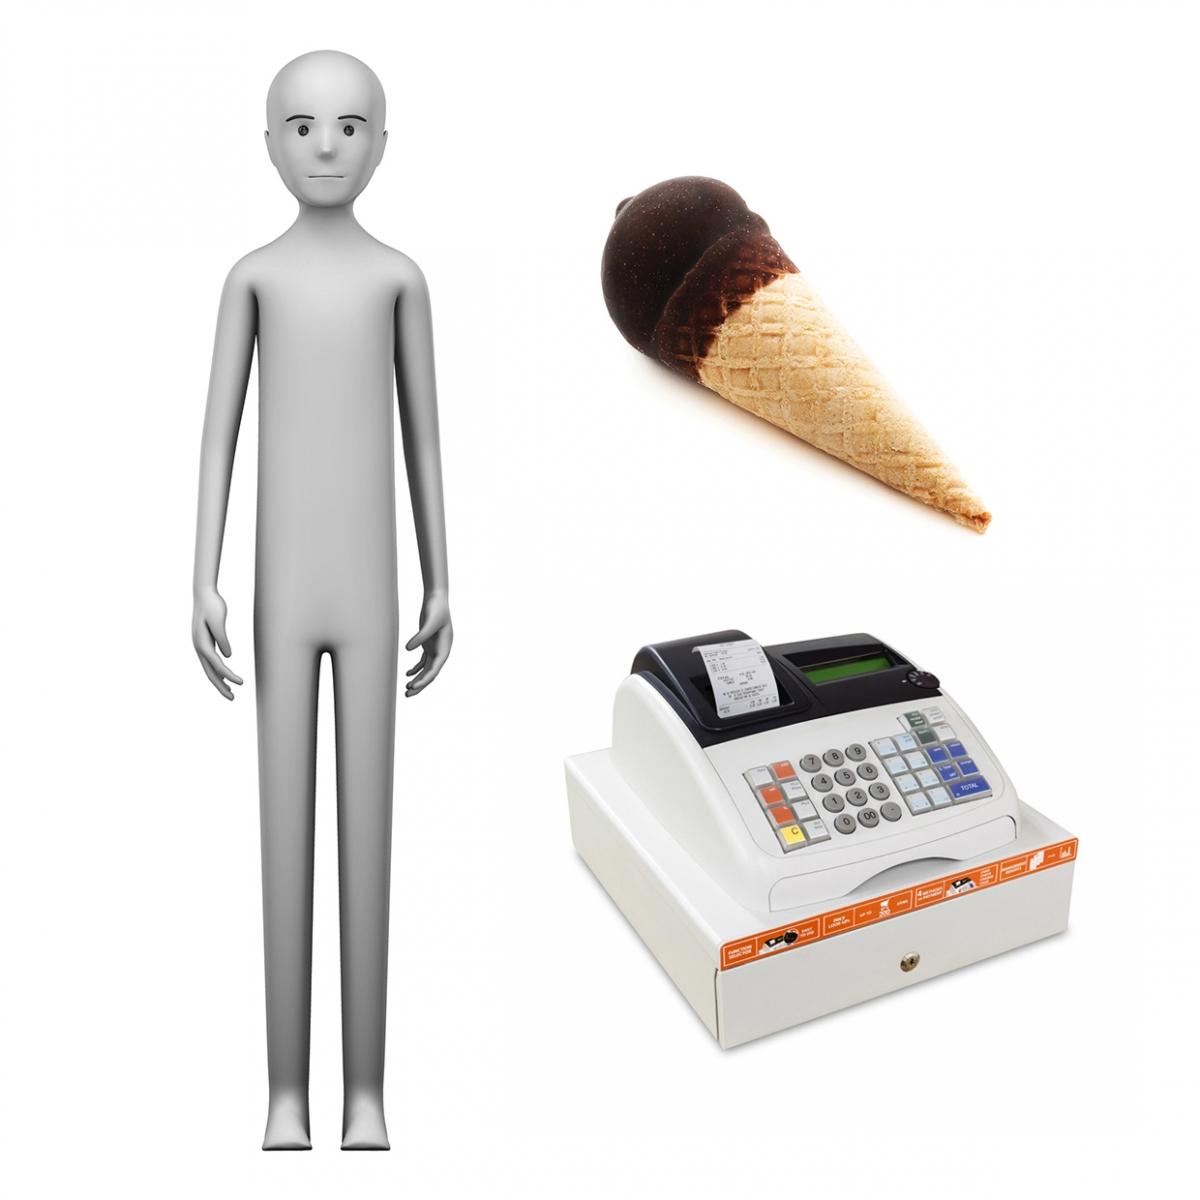 Imagen en la que se ve el concepto de heladero o heladera